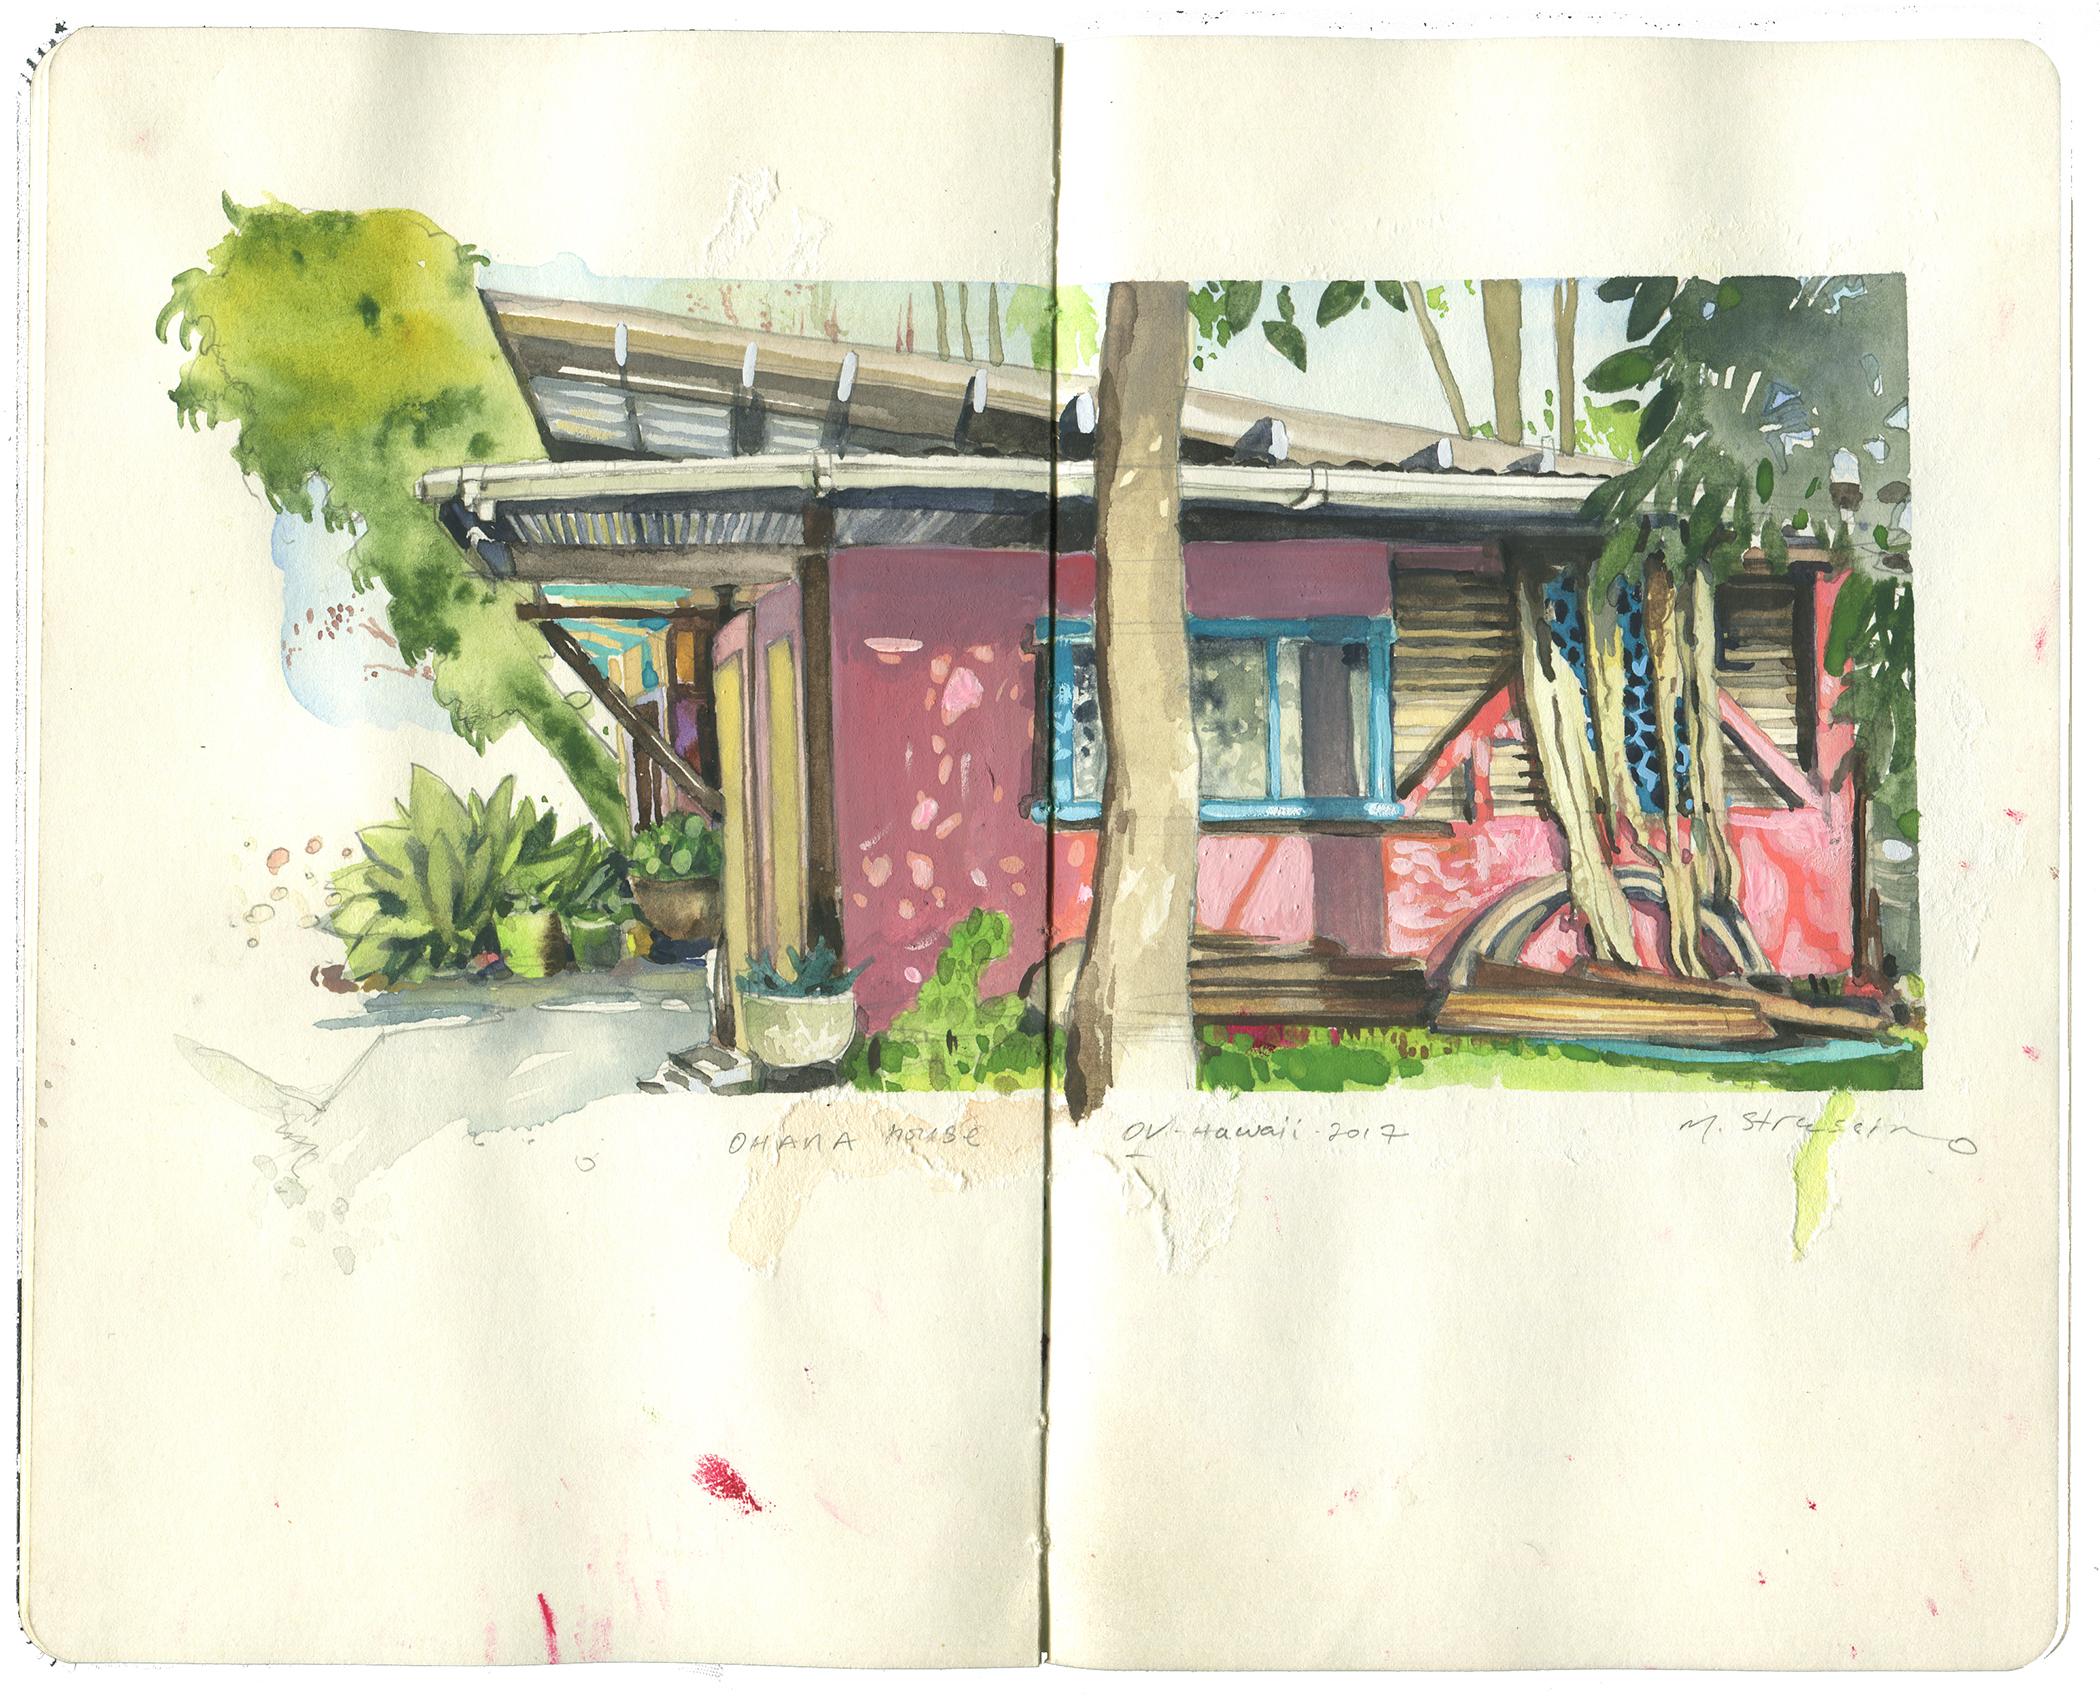 Ohana house, ka'u big island, Hawaii - watercolor + gouache on moleskine